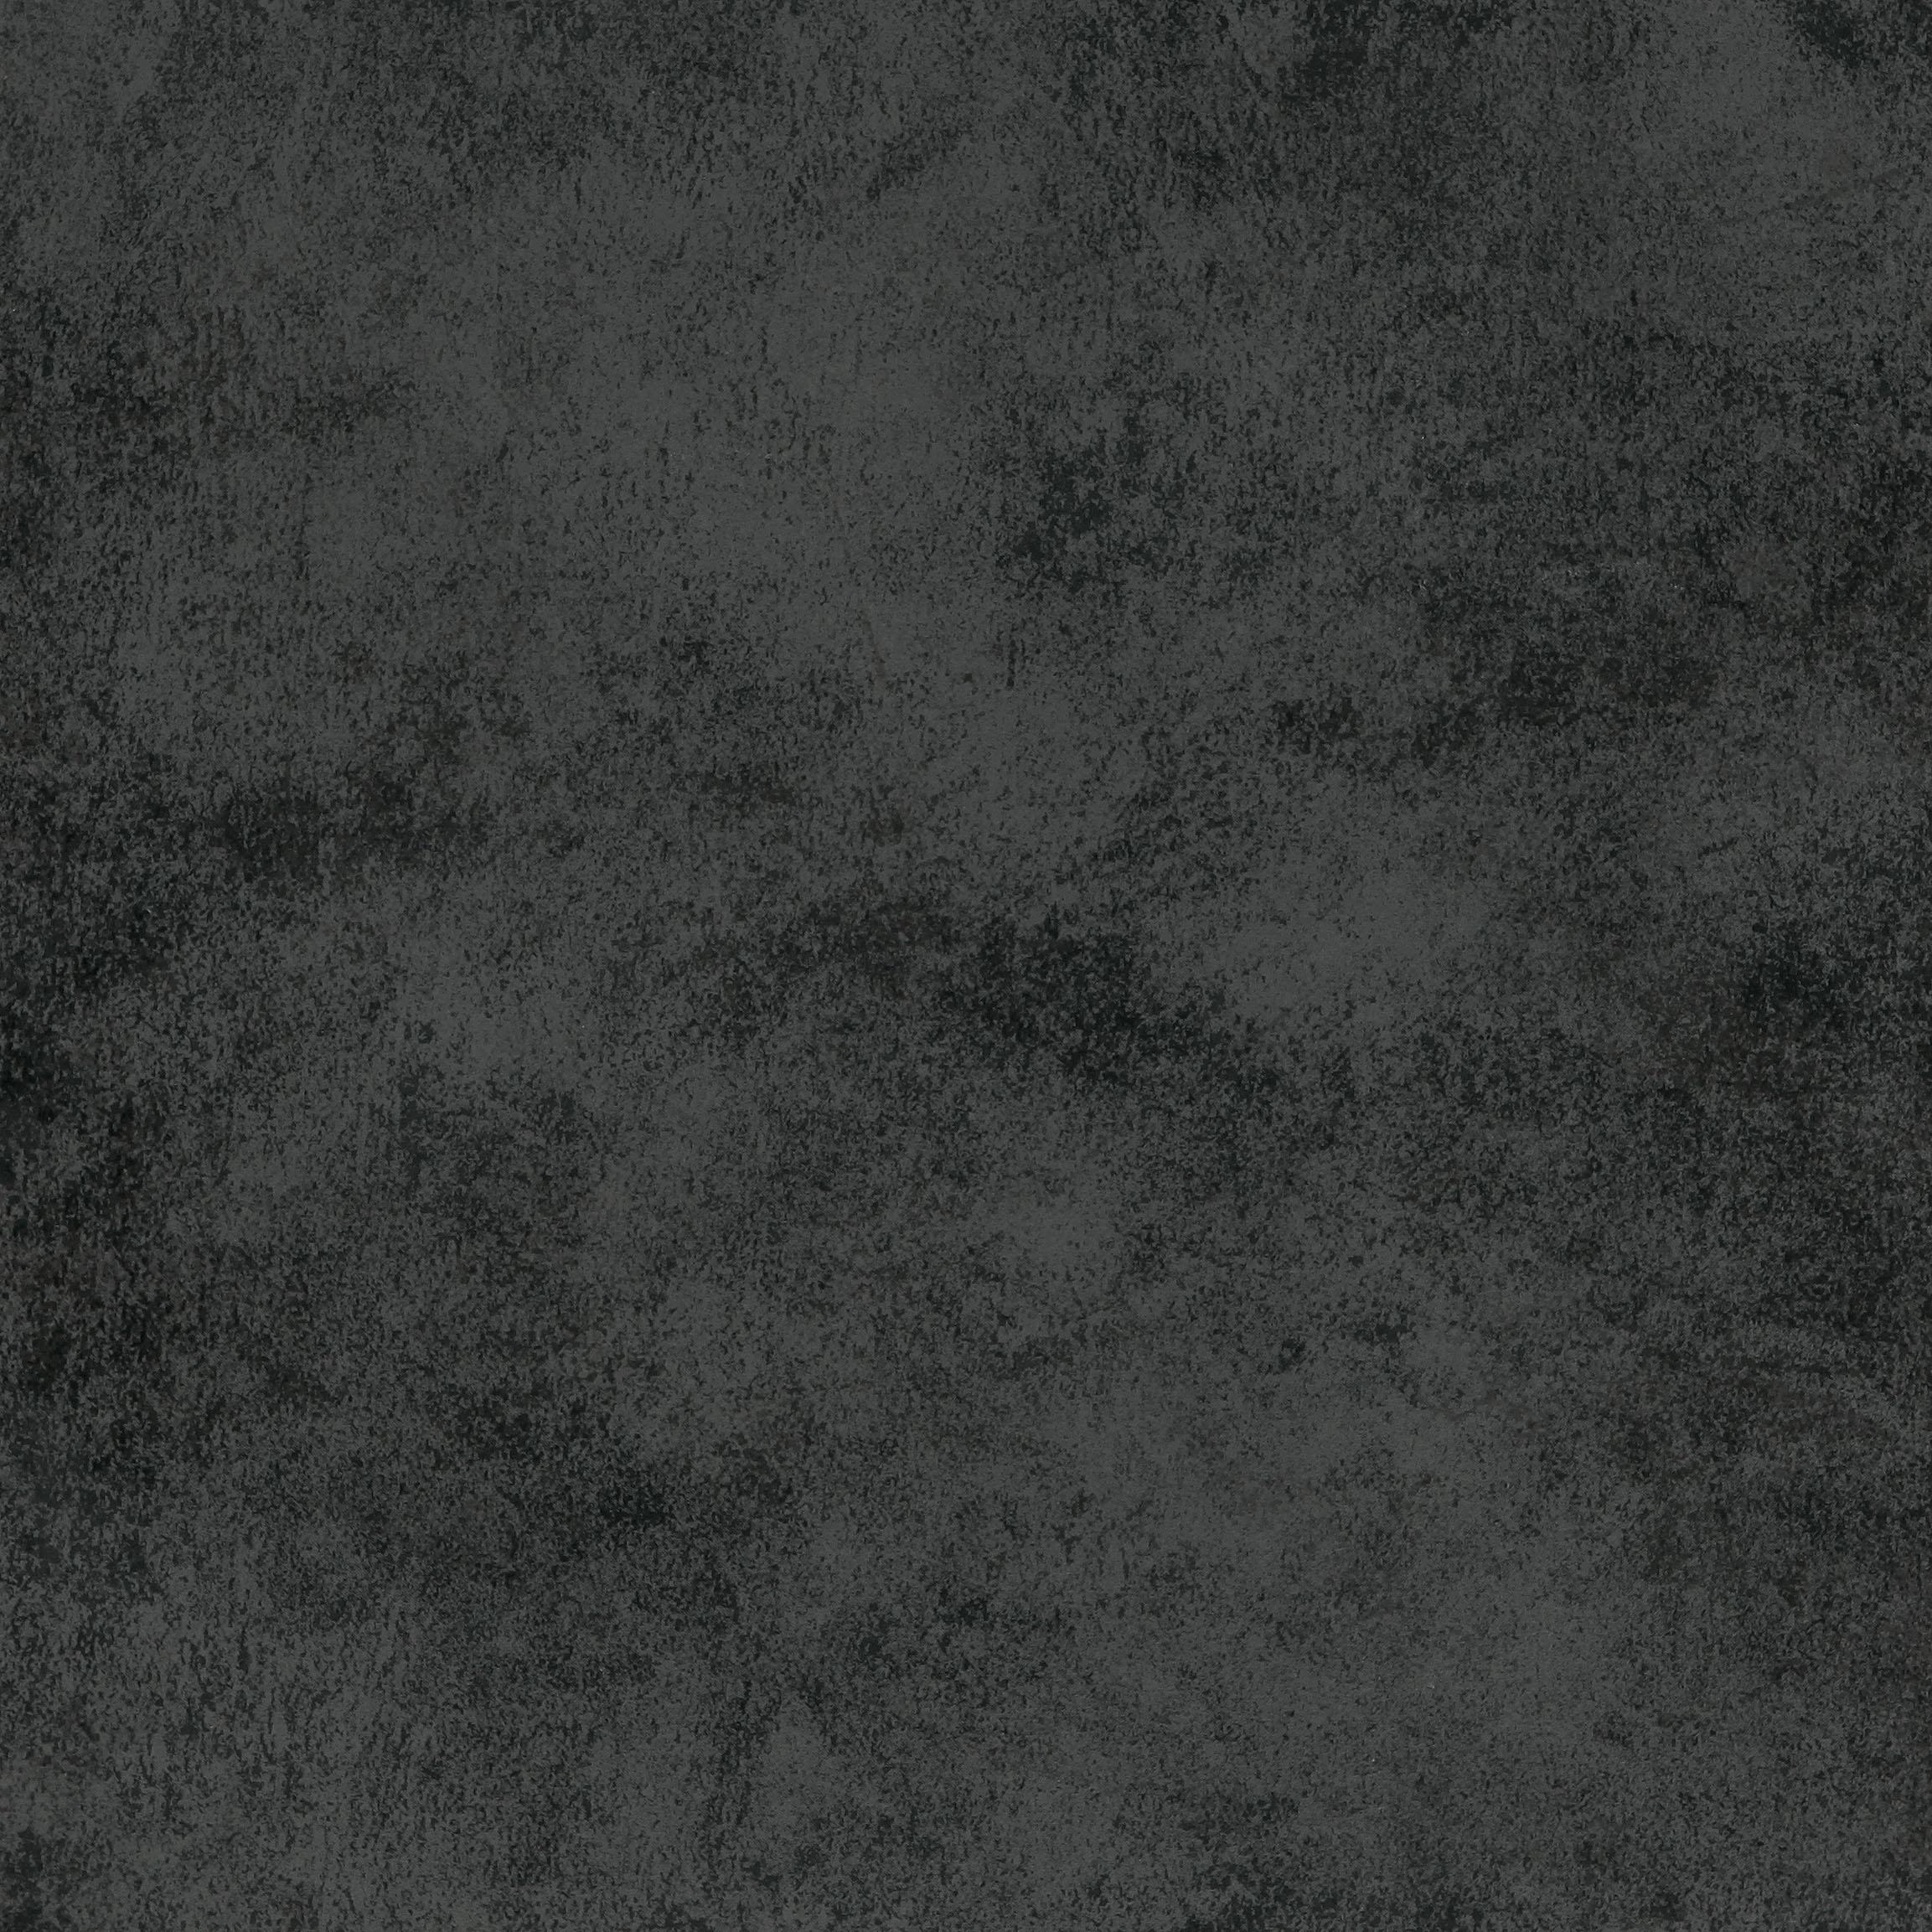 Fliesen Kemmler Wand Und Bodenfliese Sambuci In Der Farbe - Terracotta fliesen 33x33